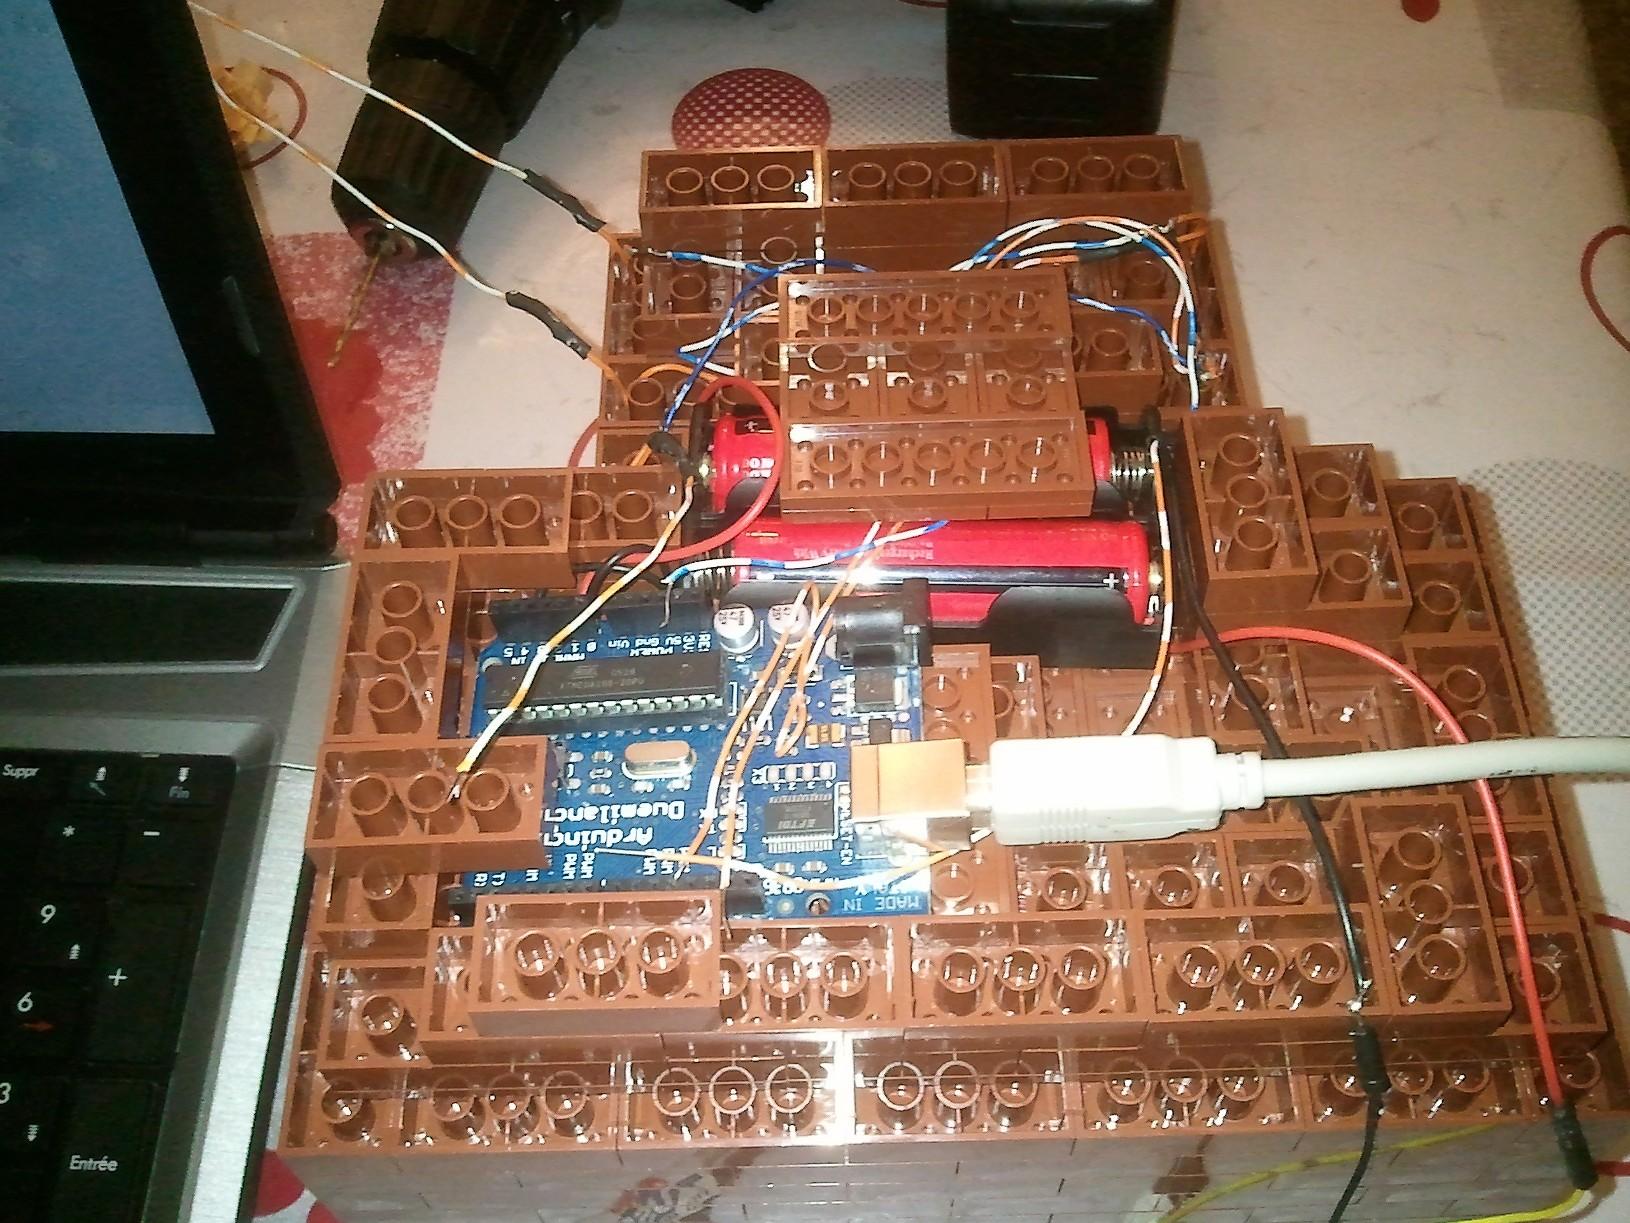 fabrication d une cr che lego avec un clairage contr l par arduino tinkerus 39 s blog. Black Bedroom Furniture Sets. Home Design Ideas